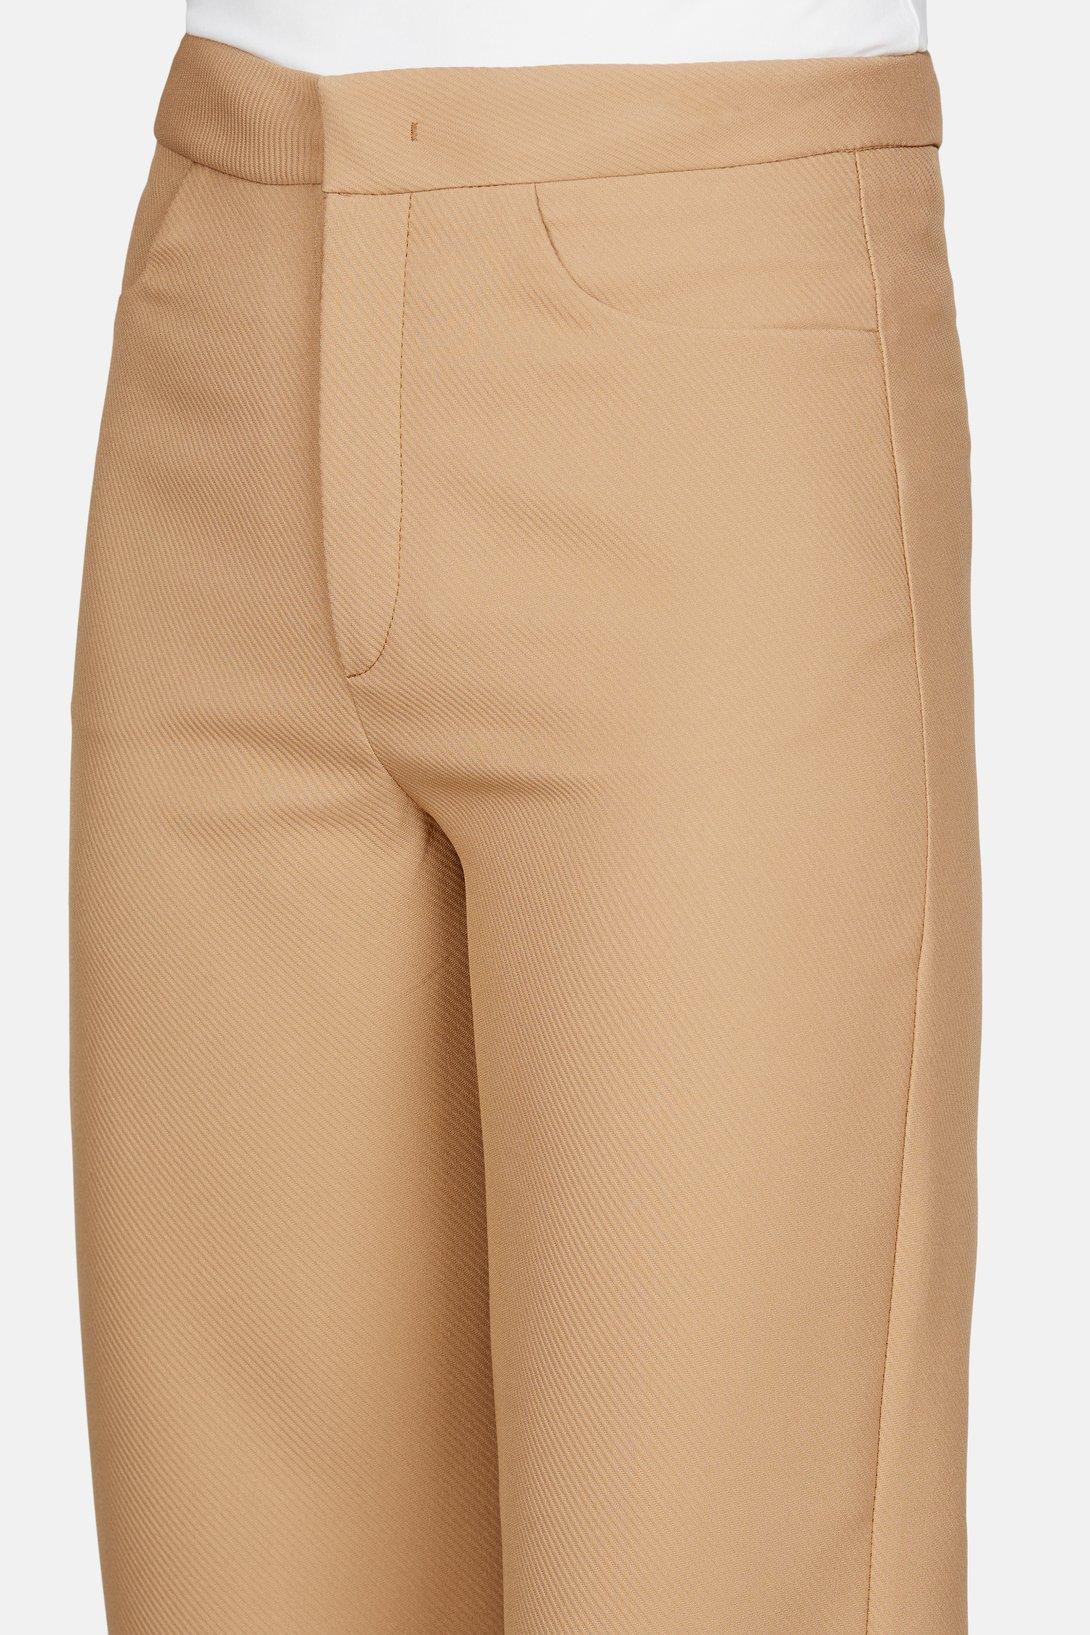 Toteme Pants, $270